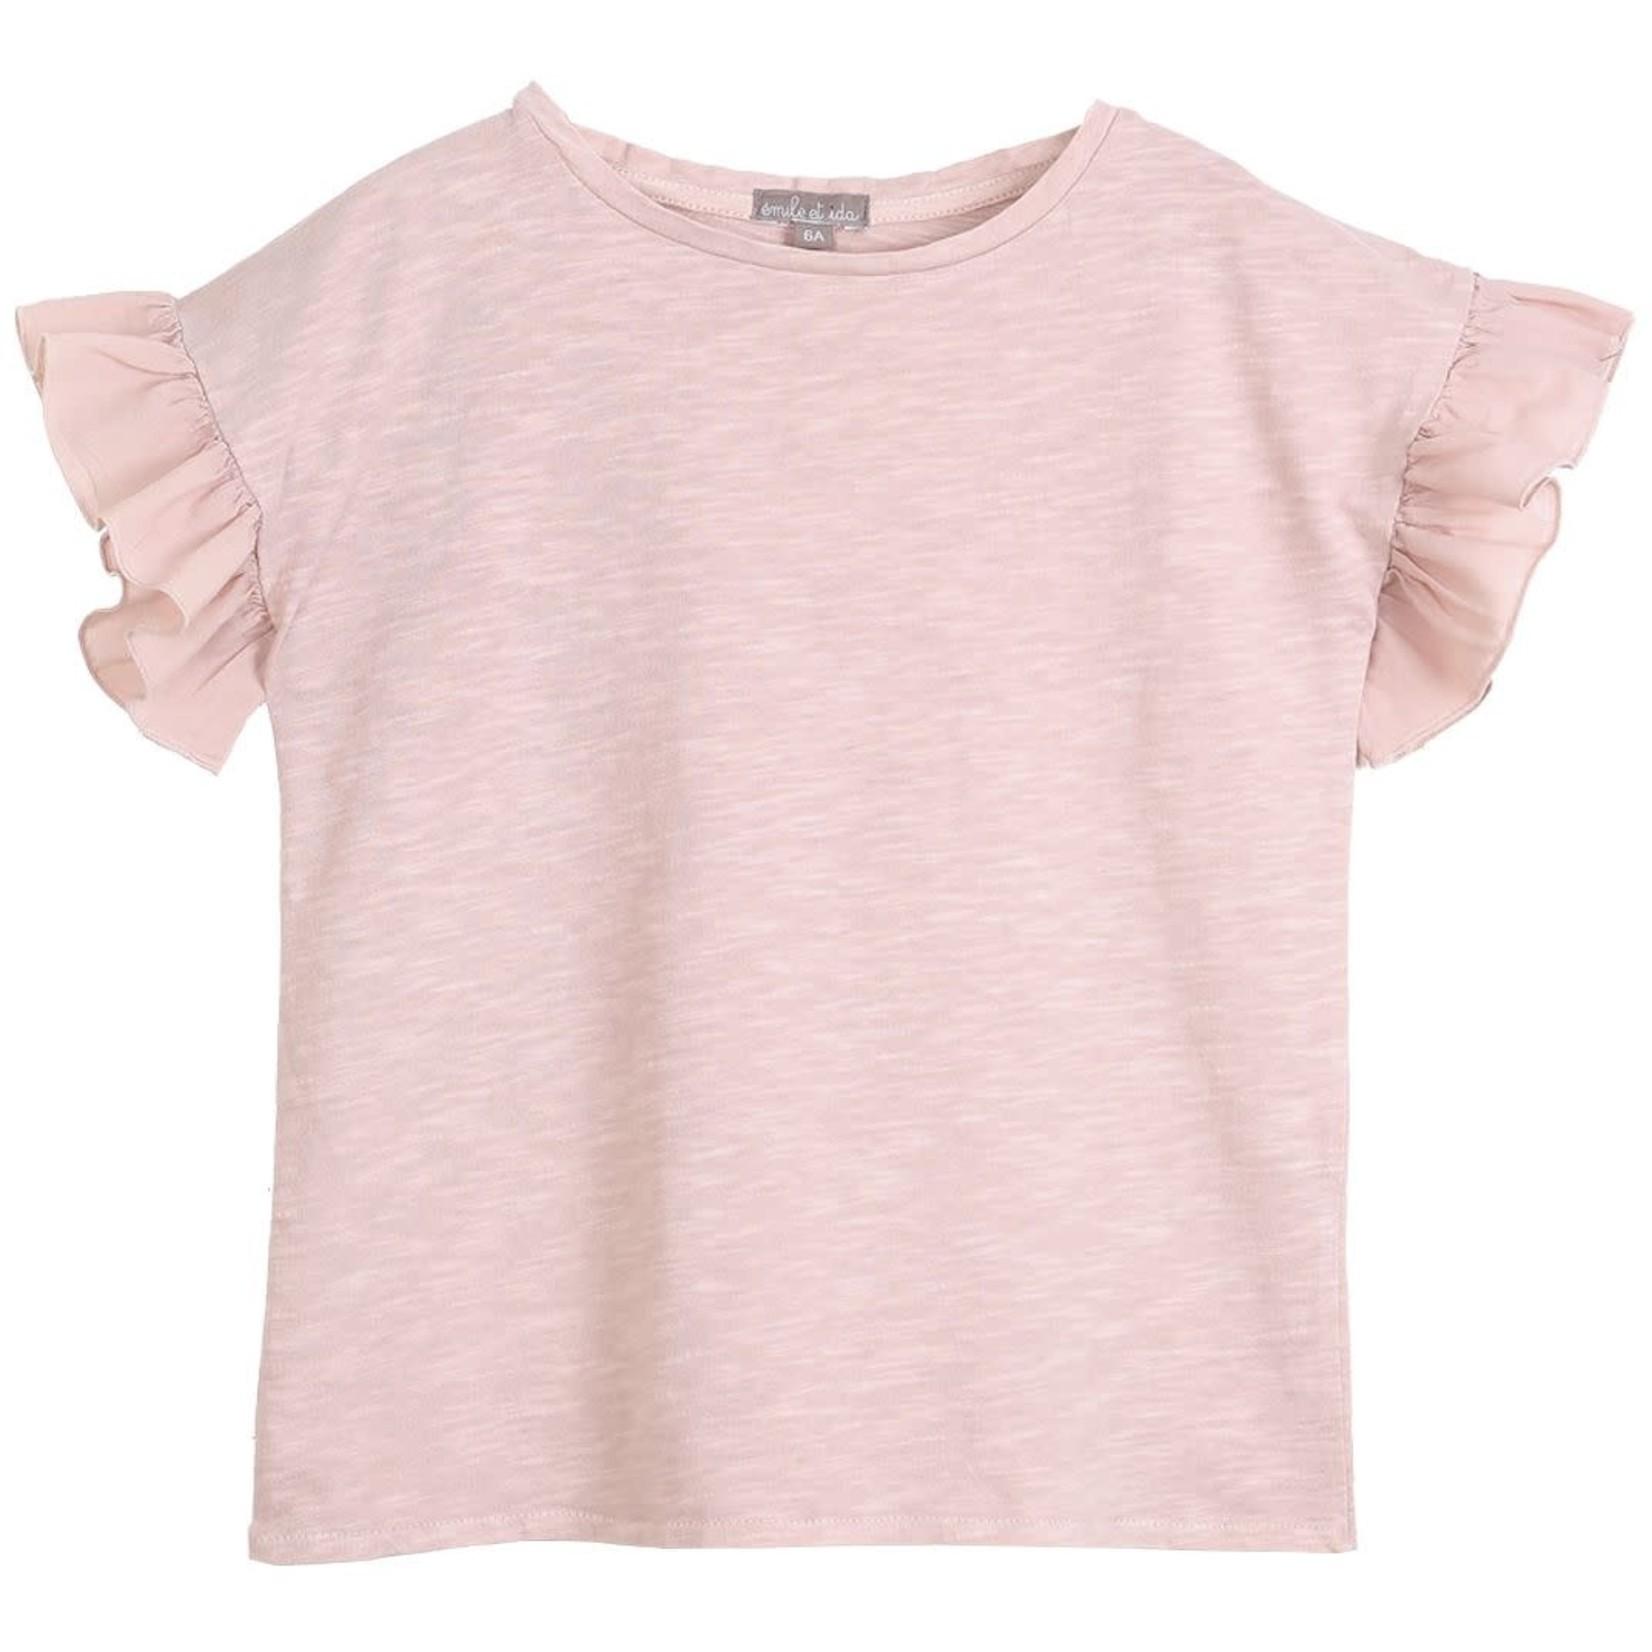 EMILE ET IDA EMILE & IDA NEW t-shirt VIEUX ROSE